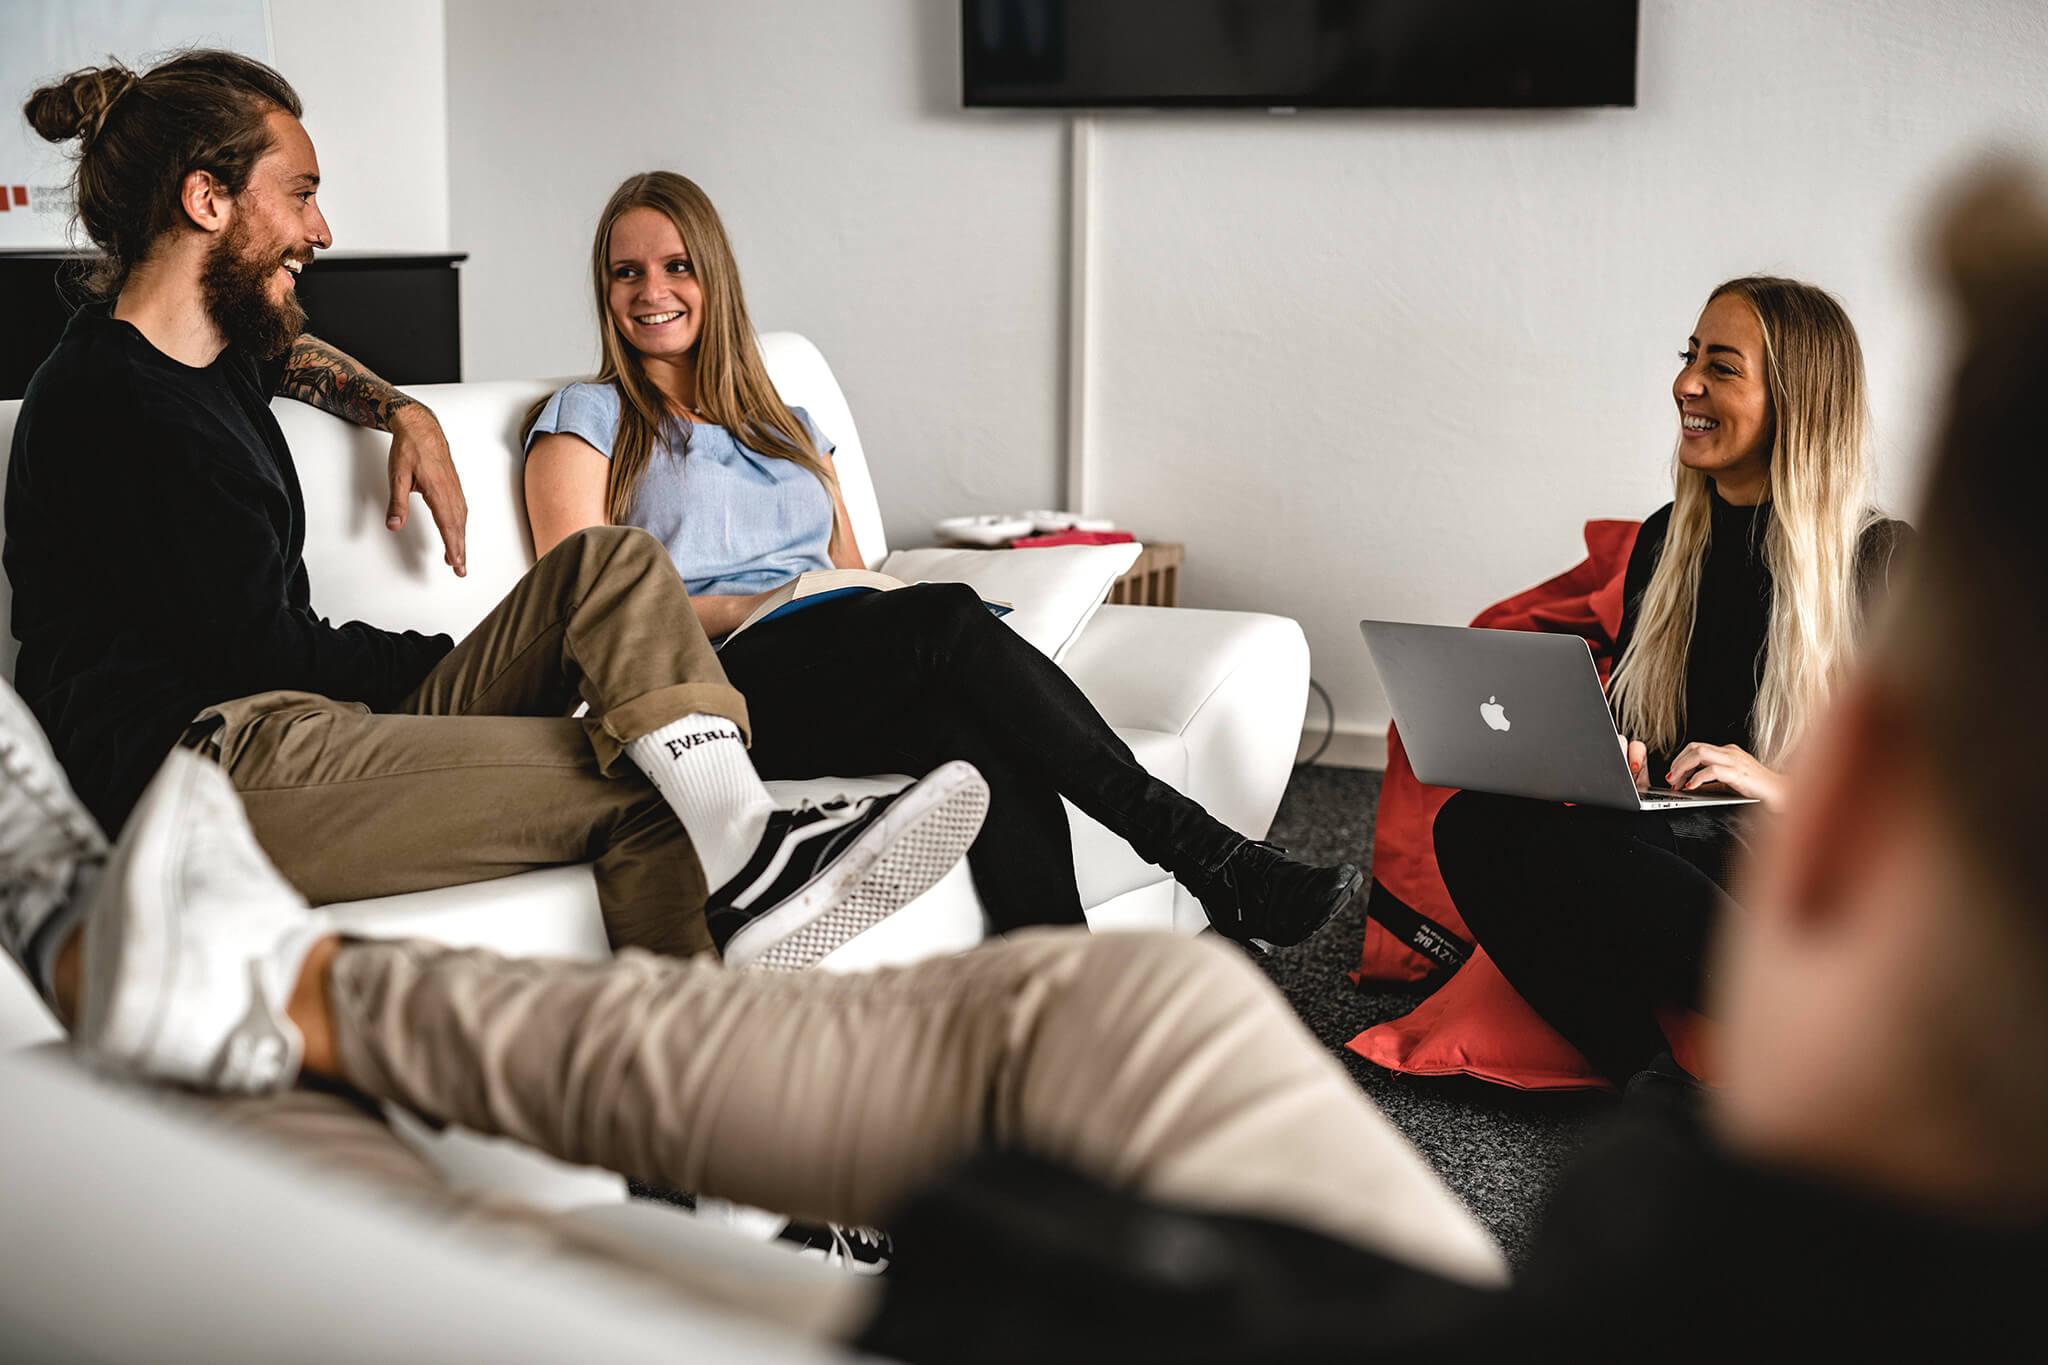 A window into the inspiring University of Liechtenstein through online taster days